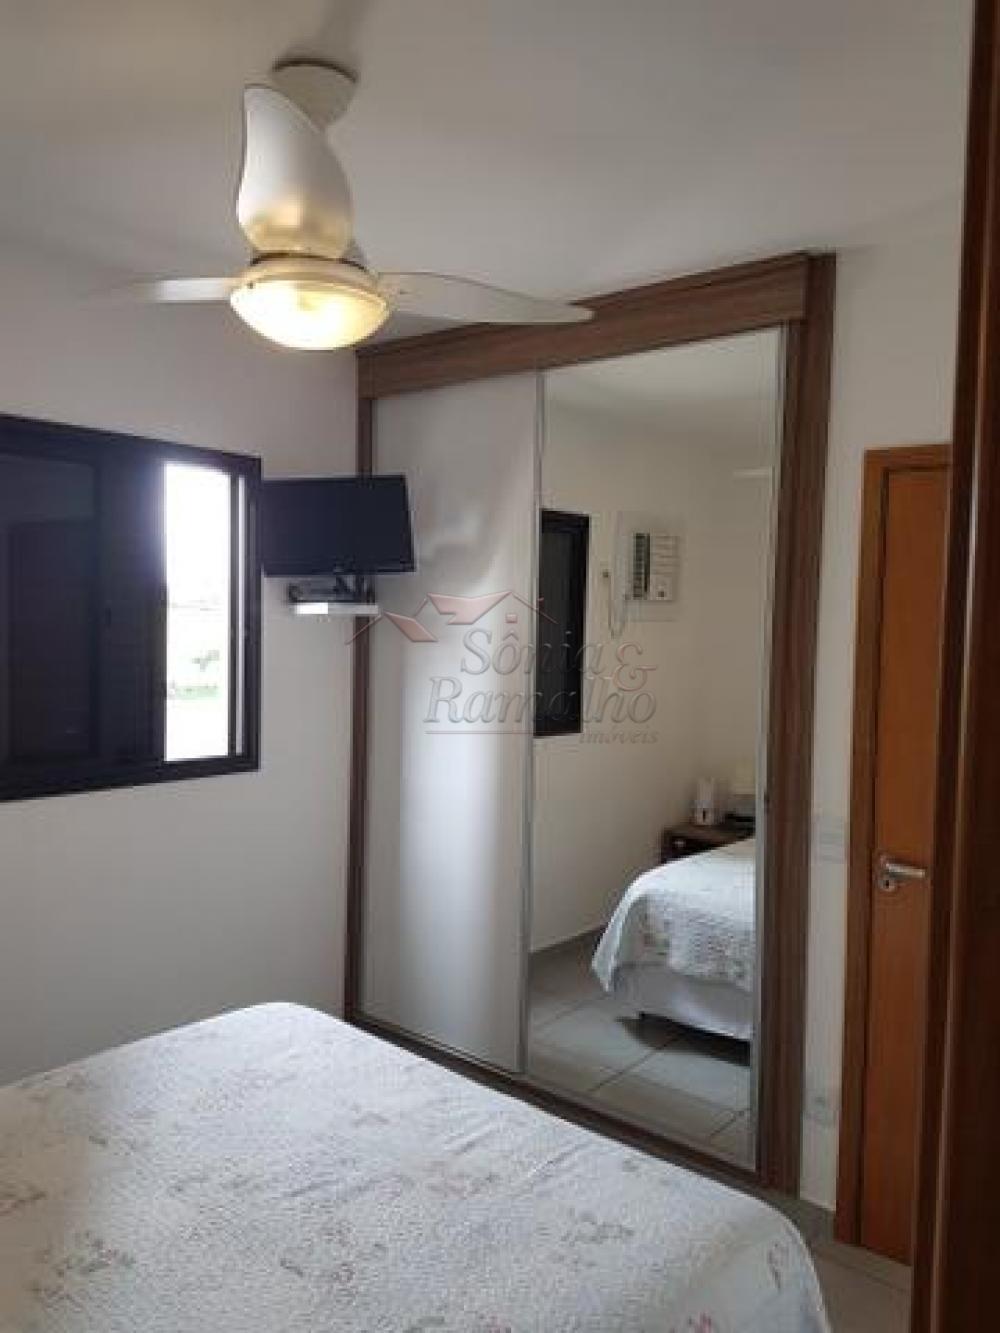 Comprar Apartamentos / Padrão em Ribeirão Preto apenas R$ 300.000,00 - Foto 14